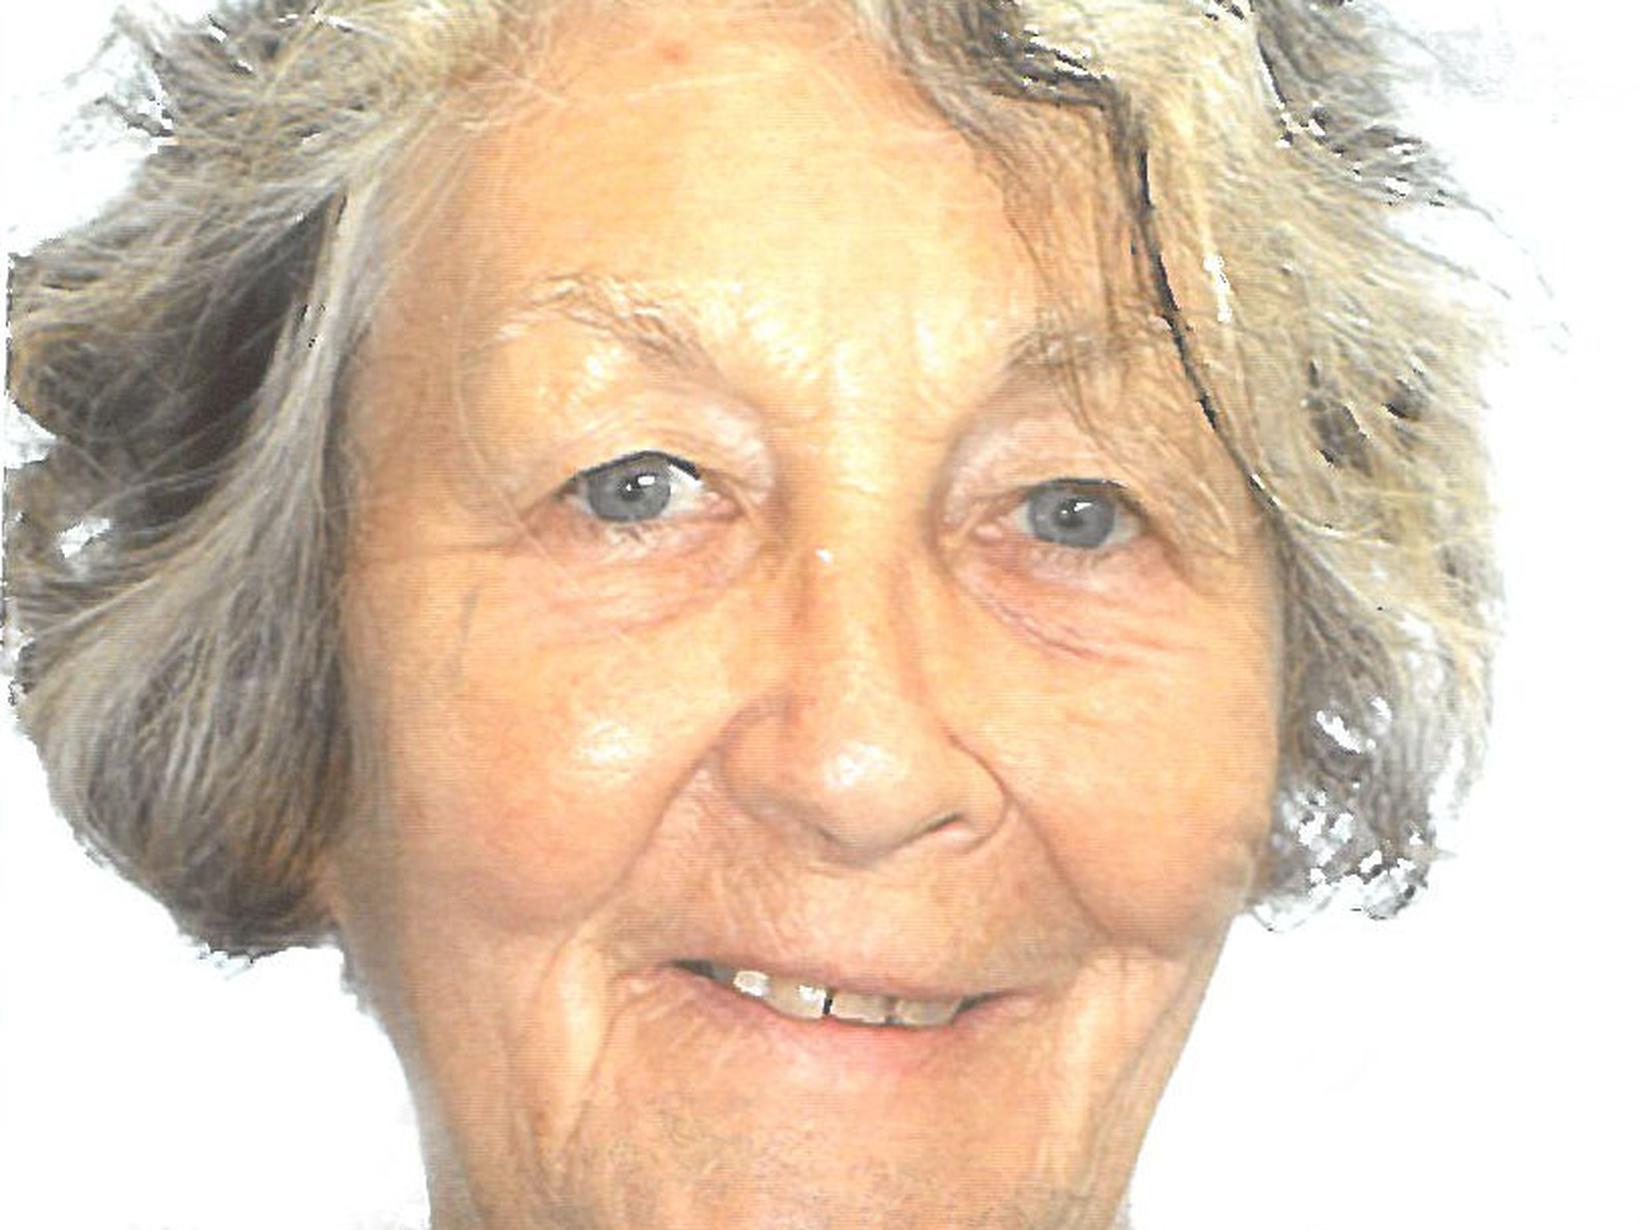 Carol from Darwin, Northern Territory, Australia